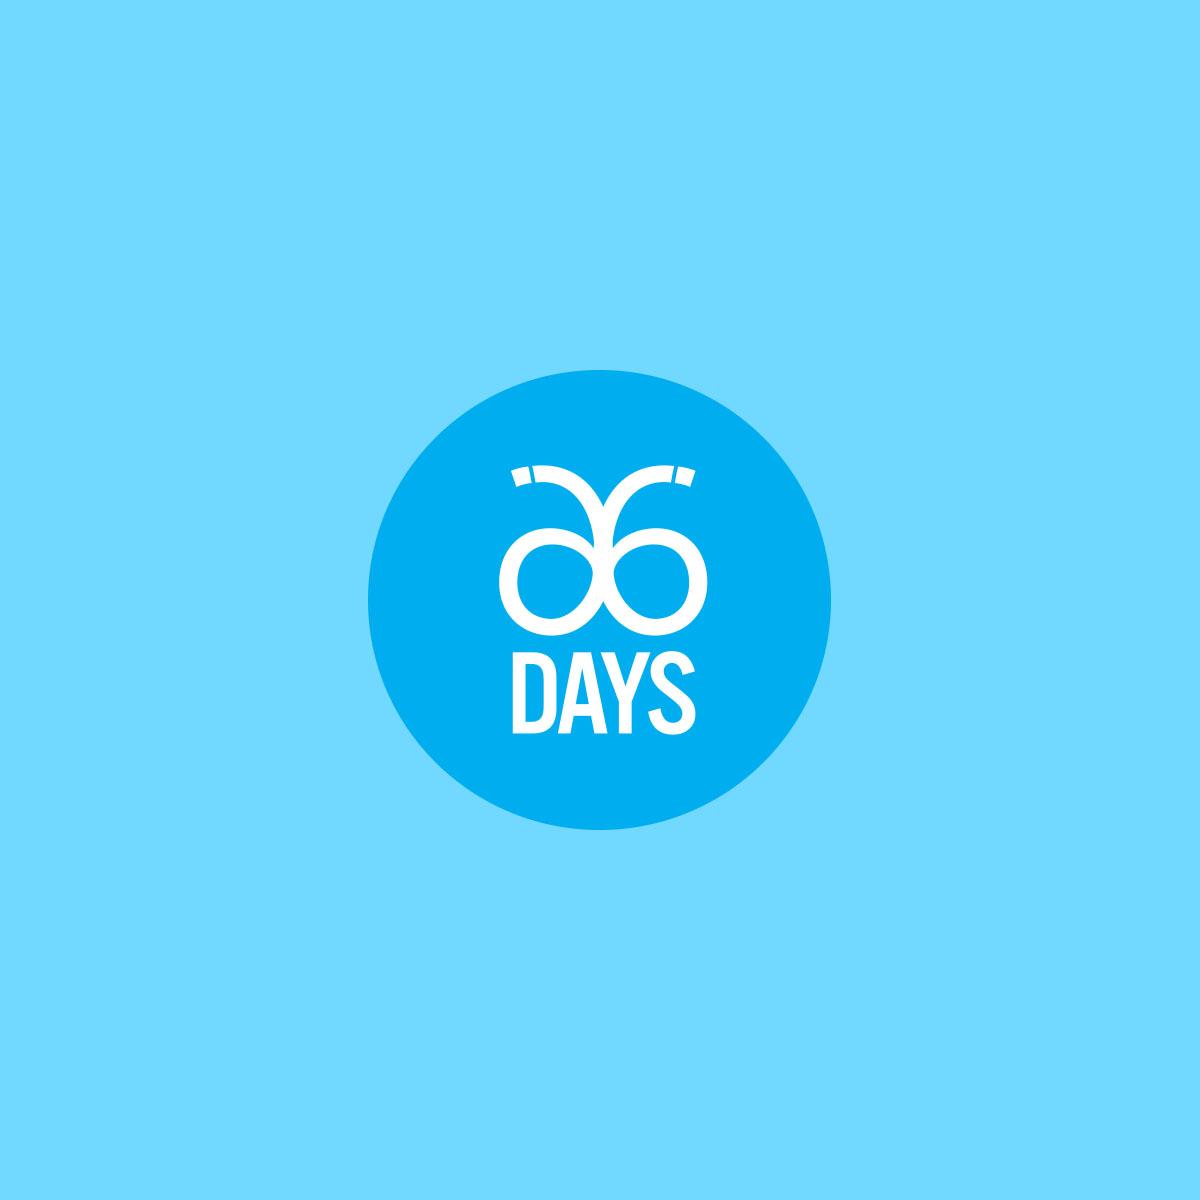 """Dnes 66 dní od svatby!!! Letí to strašně, možná ještě rychleji než při přípravách.....nadcházejícím nevěstám přeji, aby si své přípravy  užívaly, a aby se jim jejich den """"D"""" vydařil maximálně podle jejich představ :-) ač to někdy tak nevypadá, to plánování je překrásné a bude se vám po něm stýskat stejně jako mě :-) - Obrázek č. 1"""